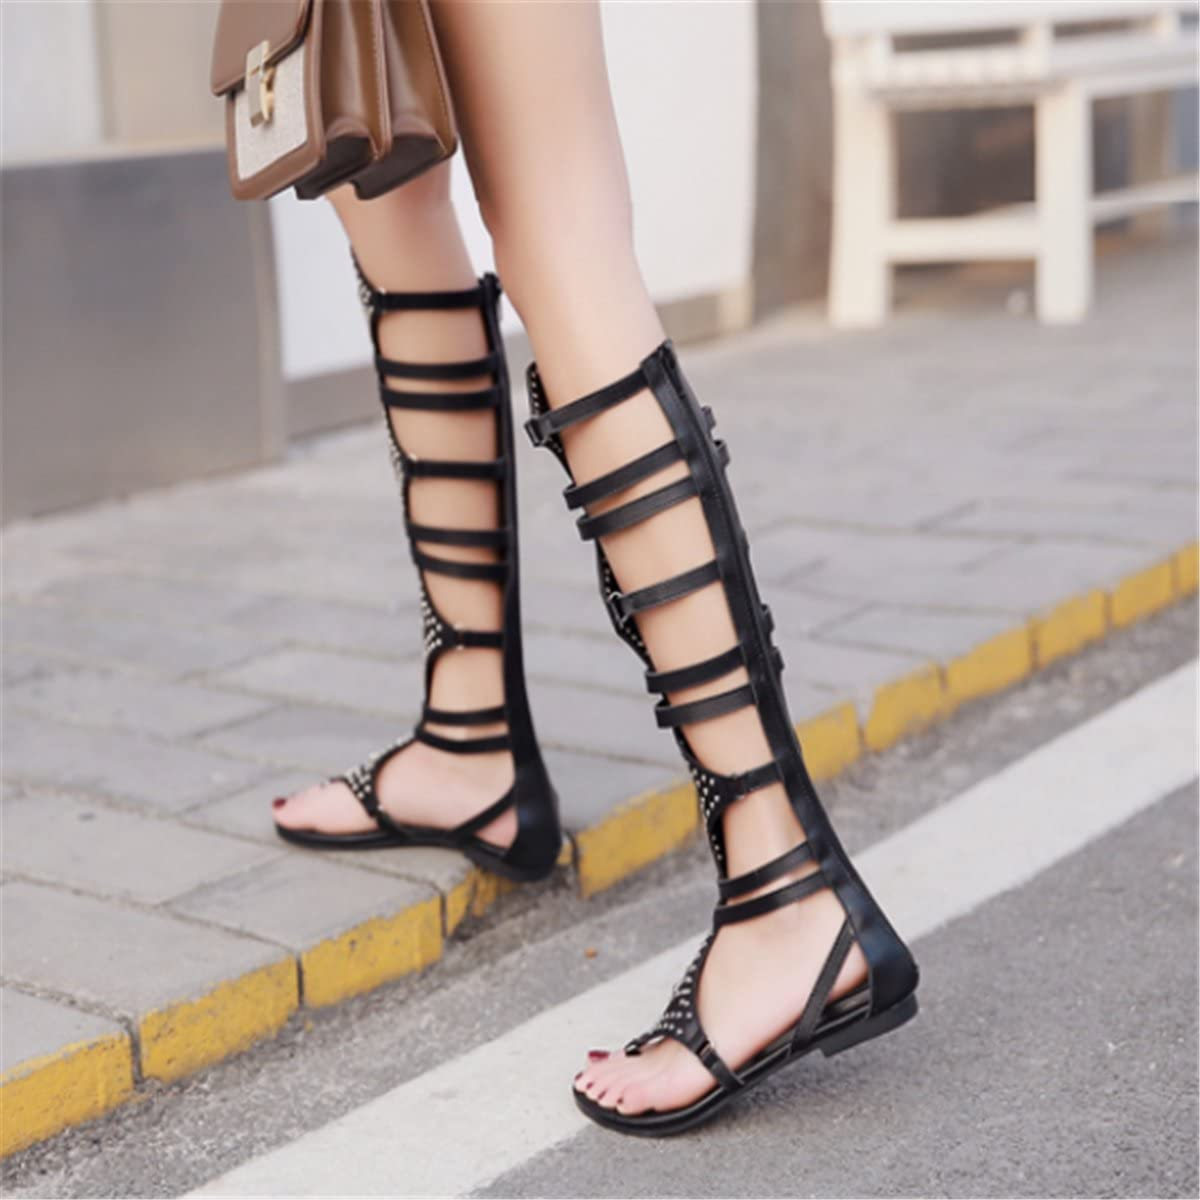 Bottines femme cloutées lanières Orteil-post Chaussures Été Gladiateur Sandales Chaussures Taille